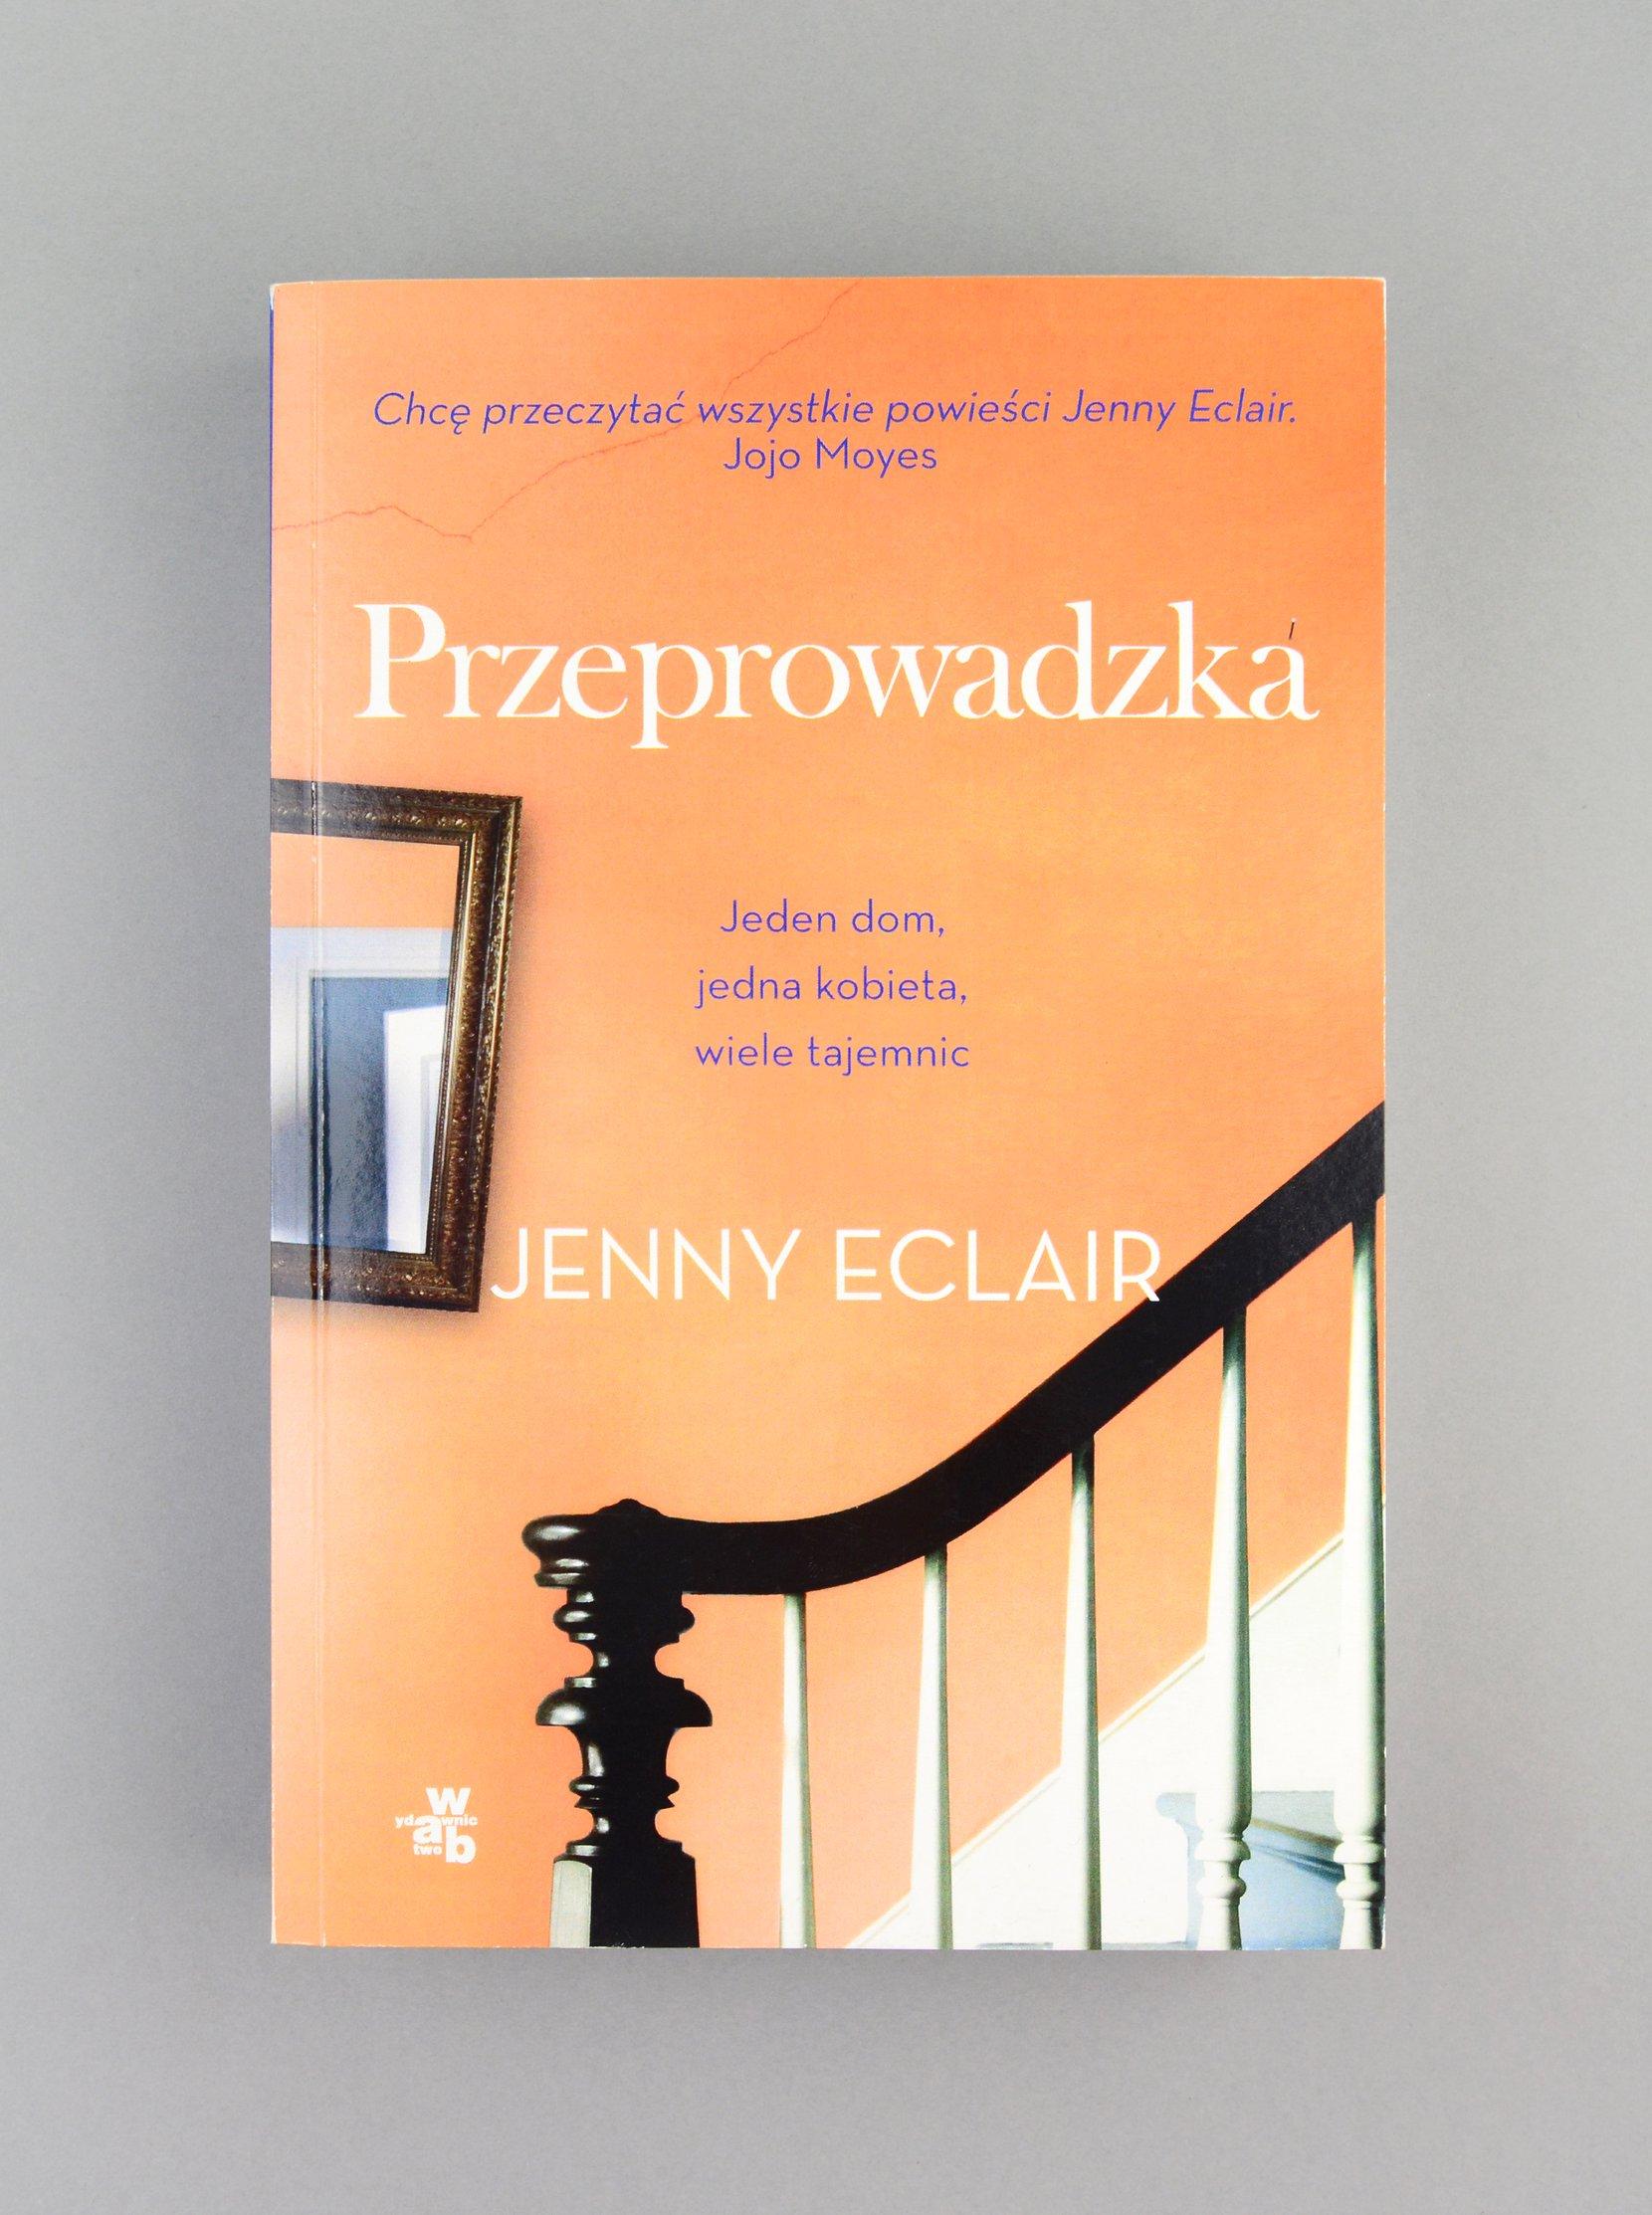 jenny eclair: przeprowadzka, 2017 books biography & autobiography Jenny Eclair